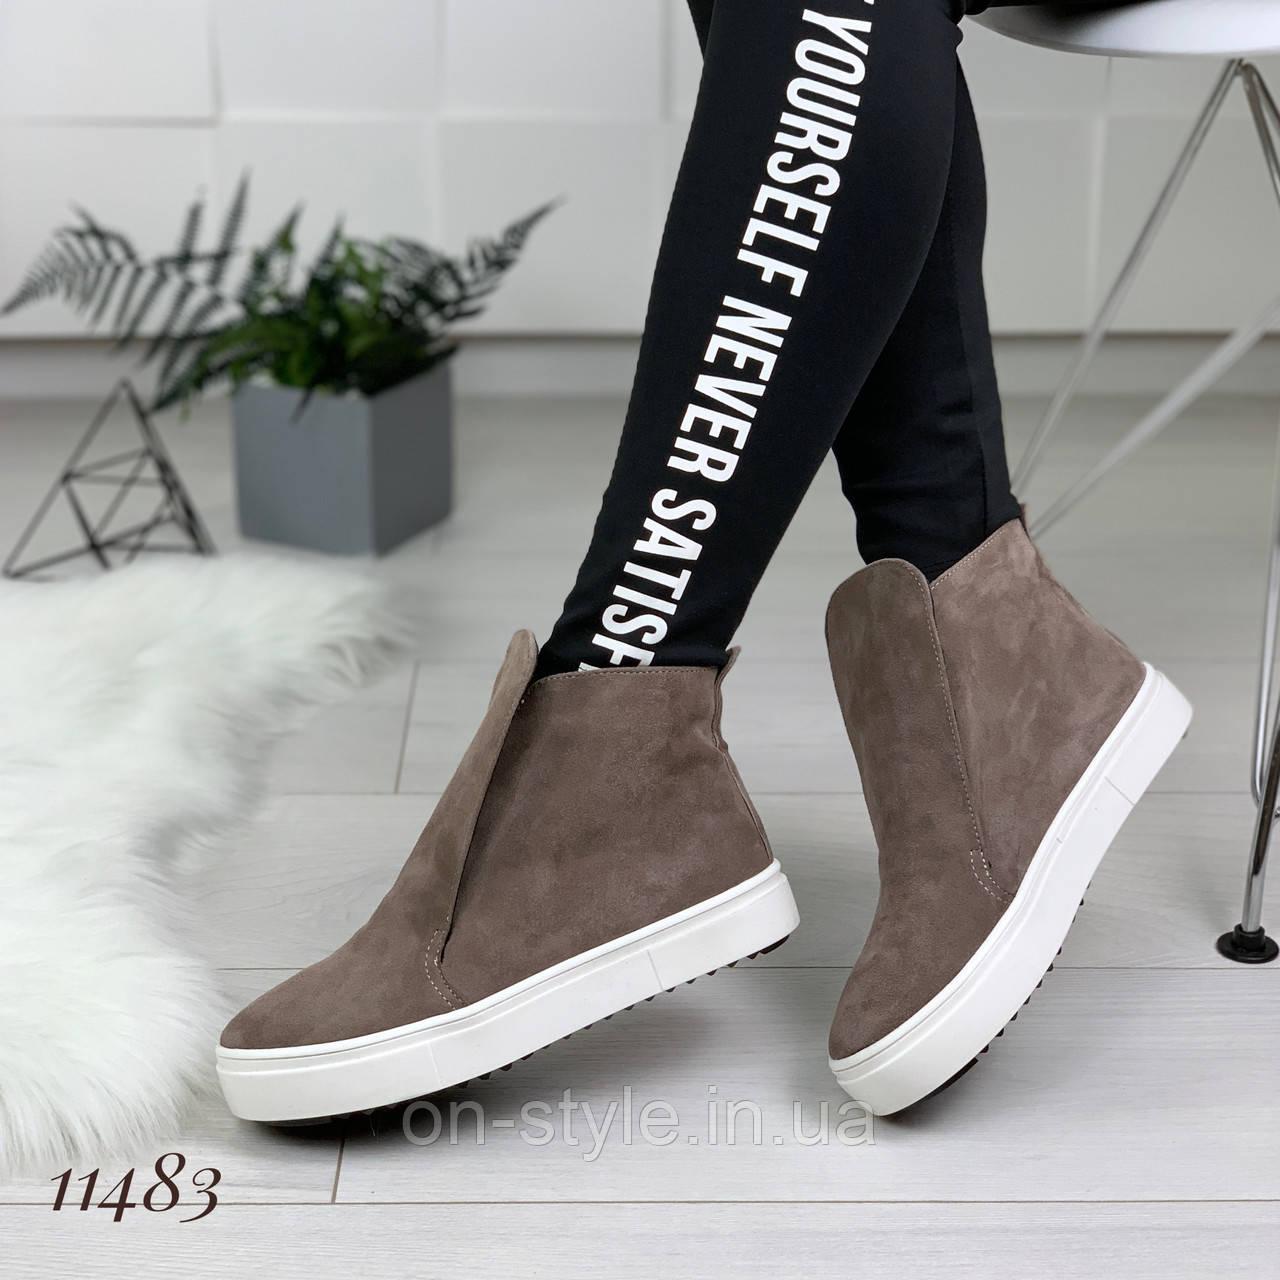 e8911e1e Женские велюровые демисезонные ботинки на плоской подошве, фото 1